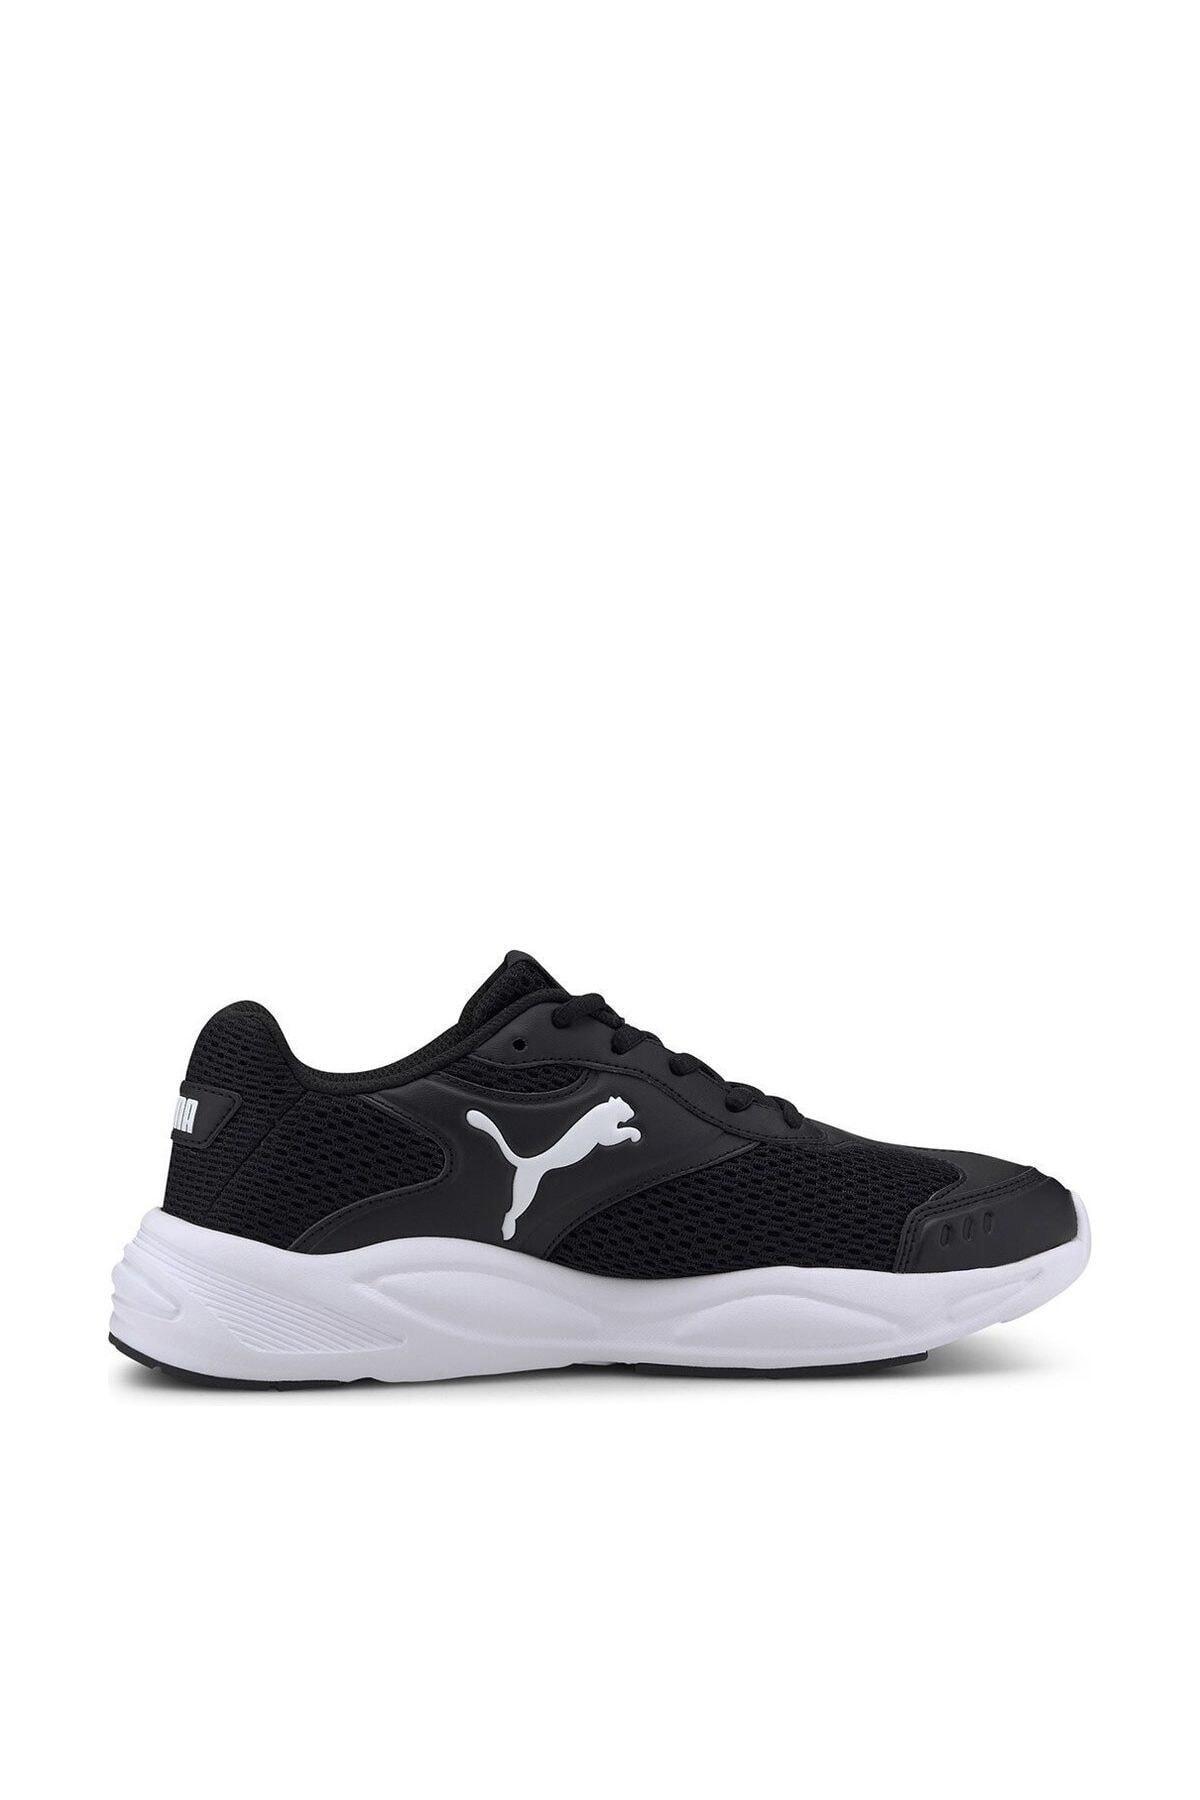 Puma Ayakkabı 90s Runner 37254903 1